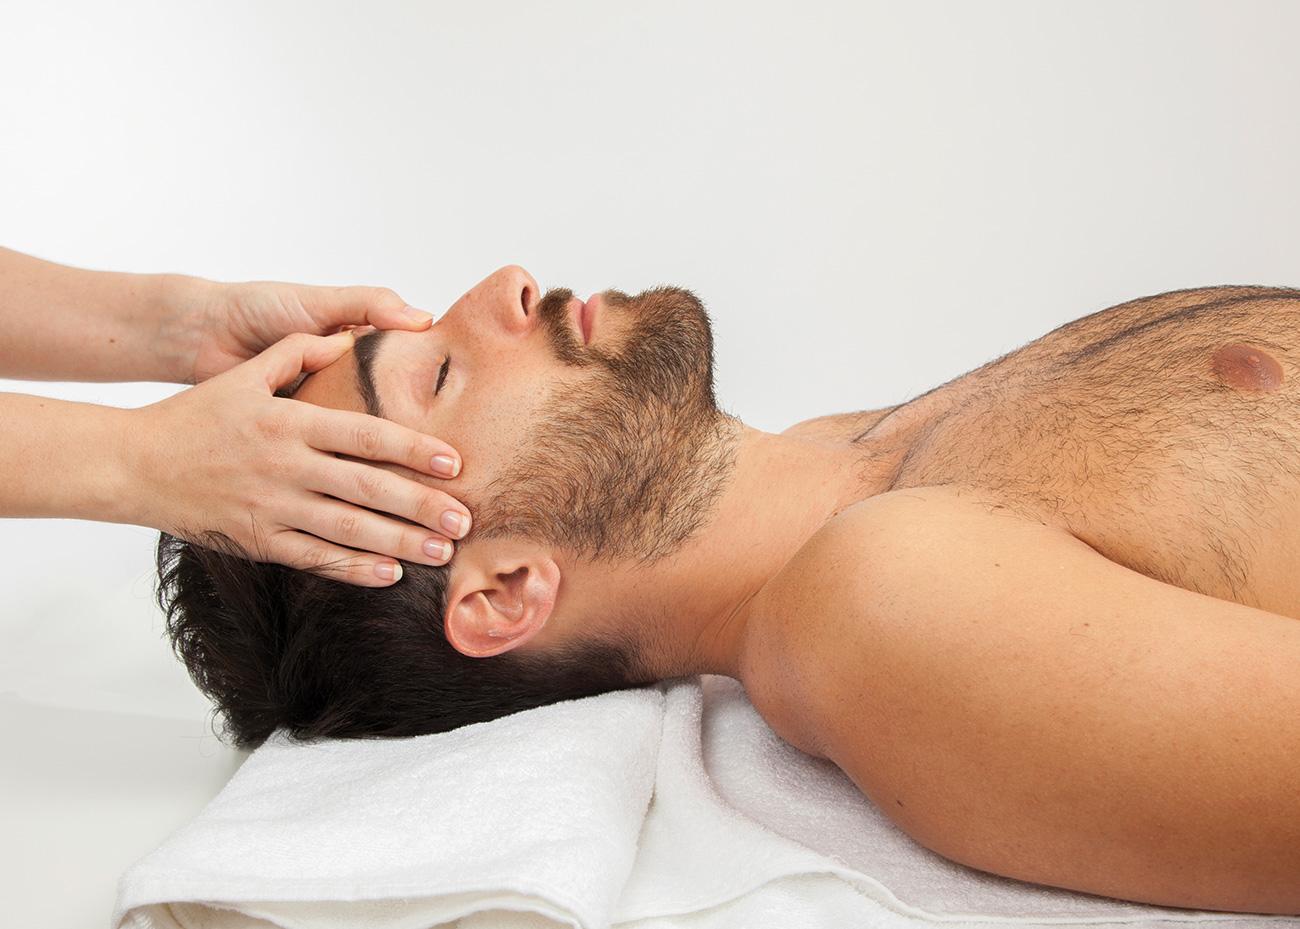 Homme reçoit massage dans la tête